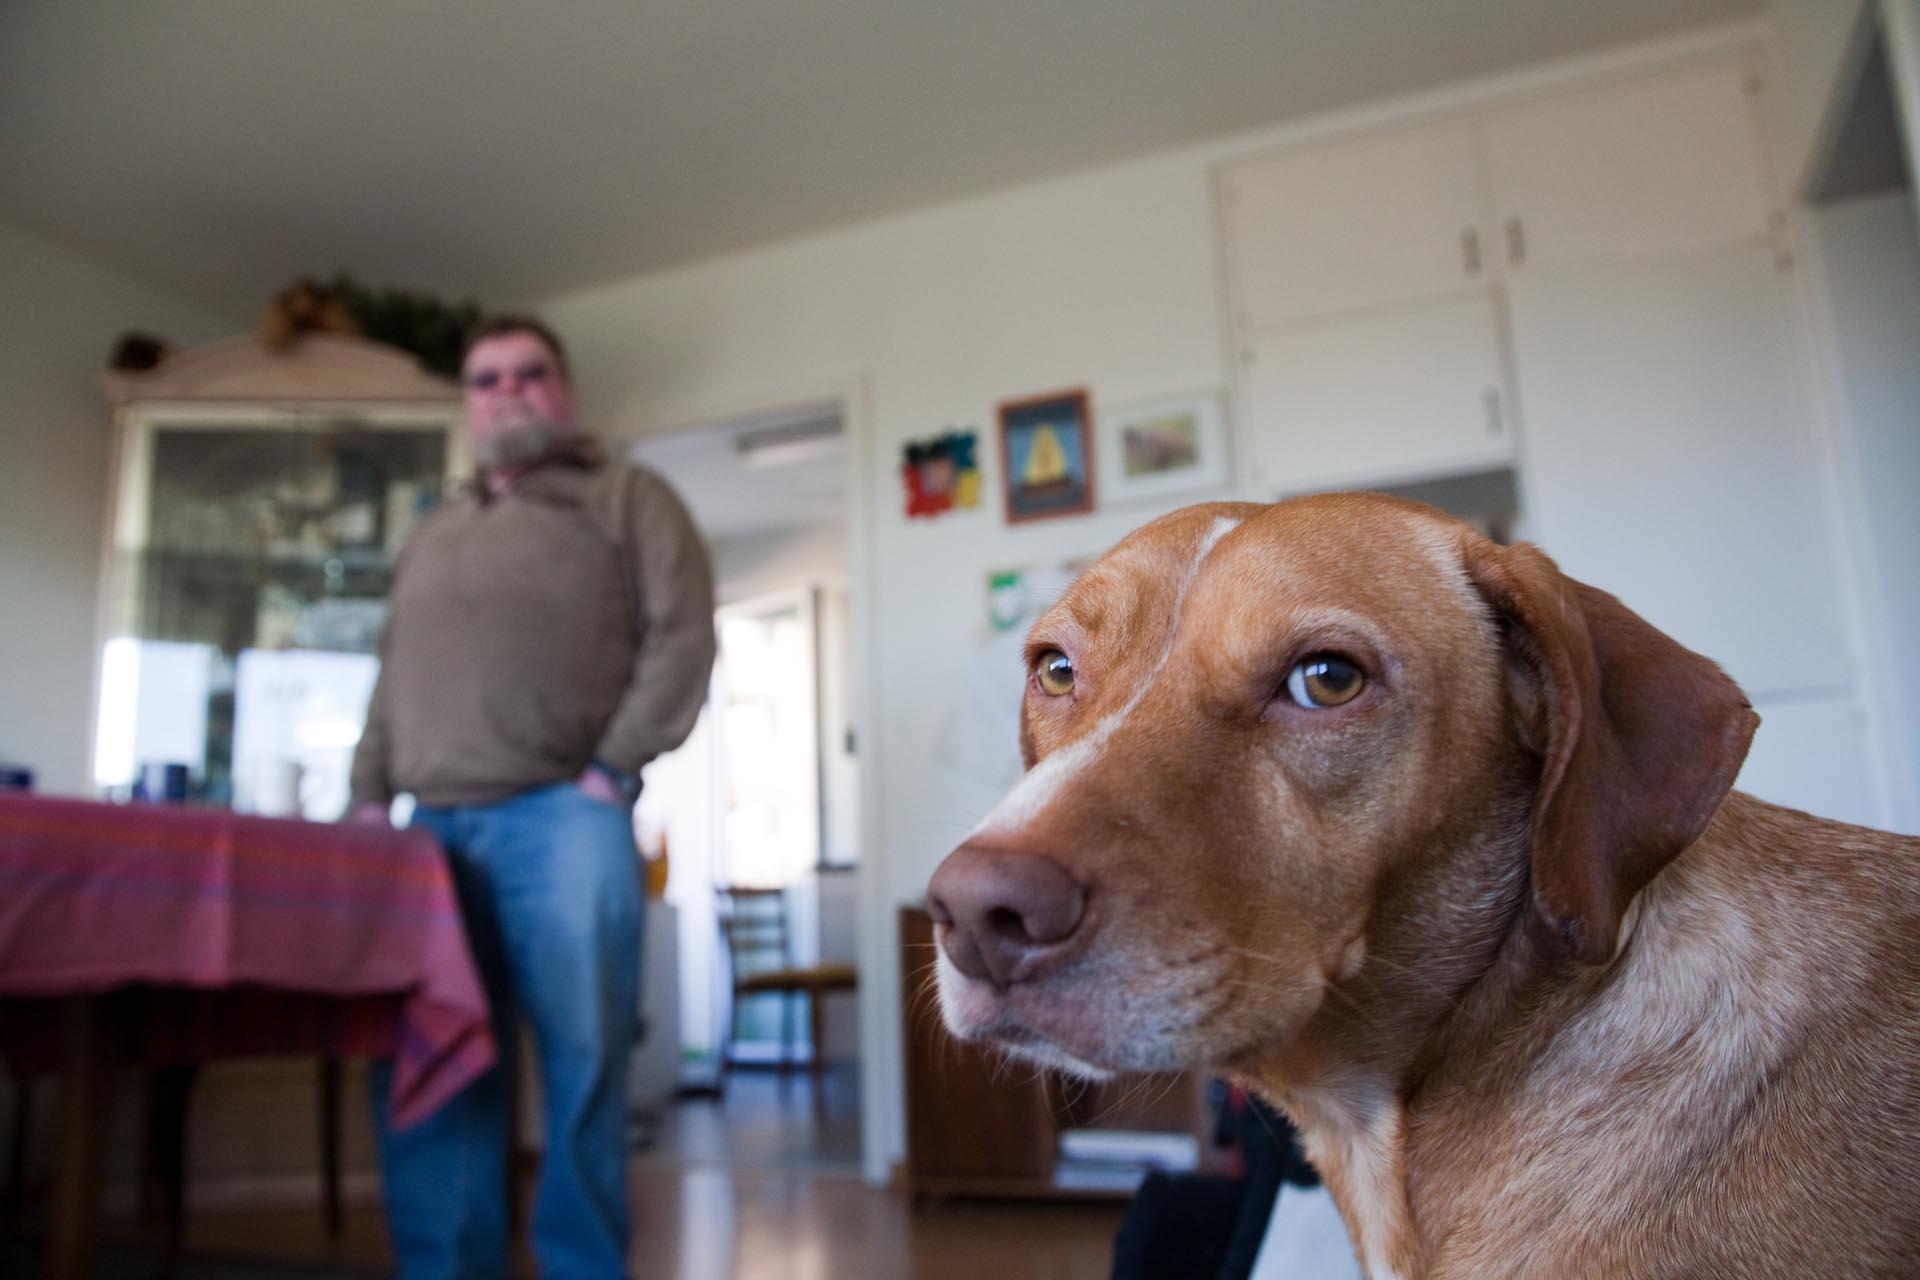 """""""Eines Tages lief ihm ein Hund zu, er wog nur zehn Kilo, sein kupferfarbenes Fell war dreckig und verlaust. Peter Weber stellte ihm Futter hin, ließ ihn impfen und nannte ihn Rambo, weil er ständig aufs Bett sprang und die Kissen durch die ganze Wohnung trug."""""""